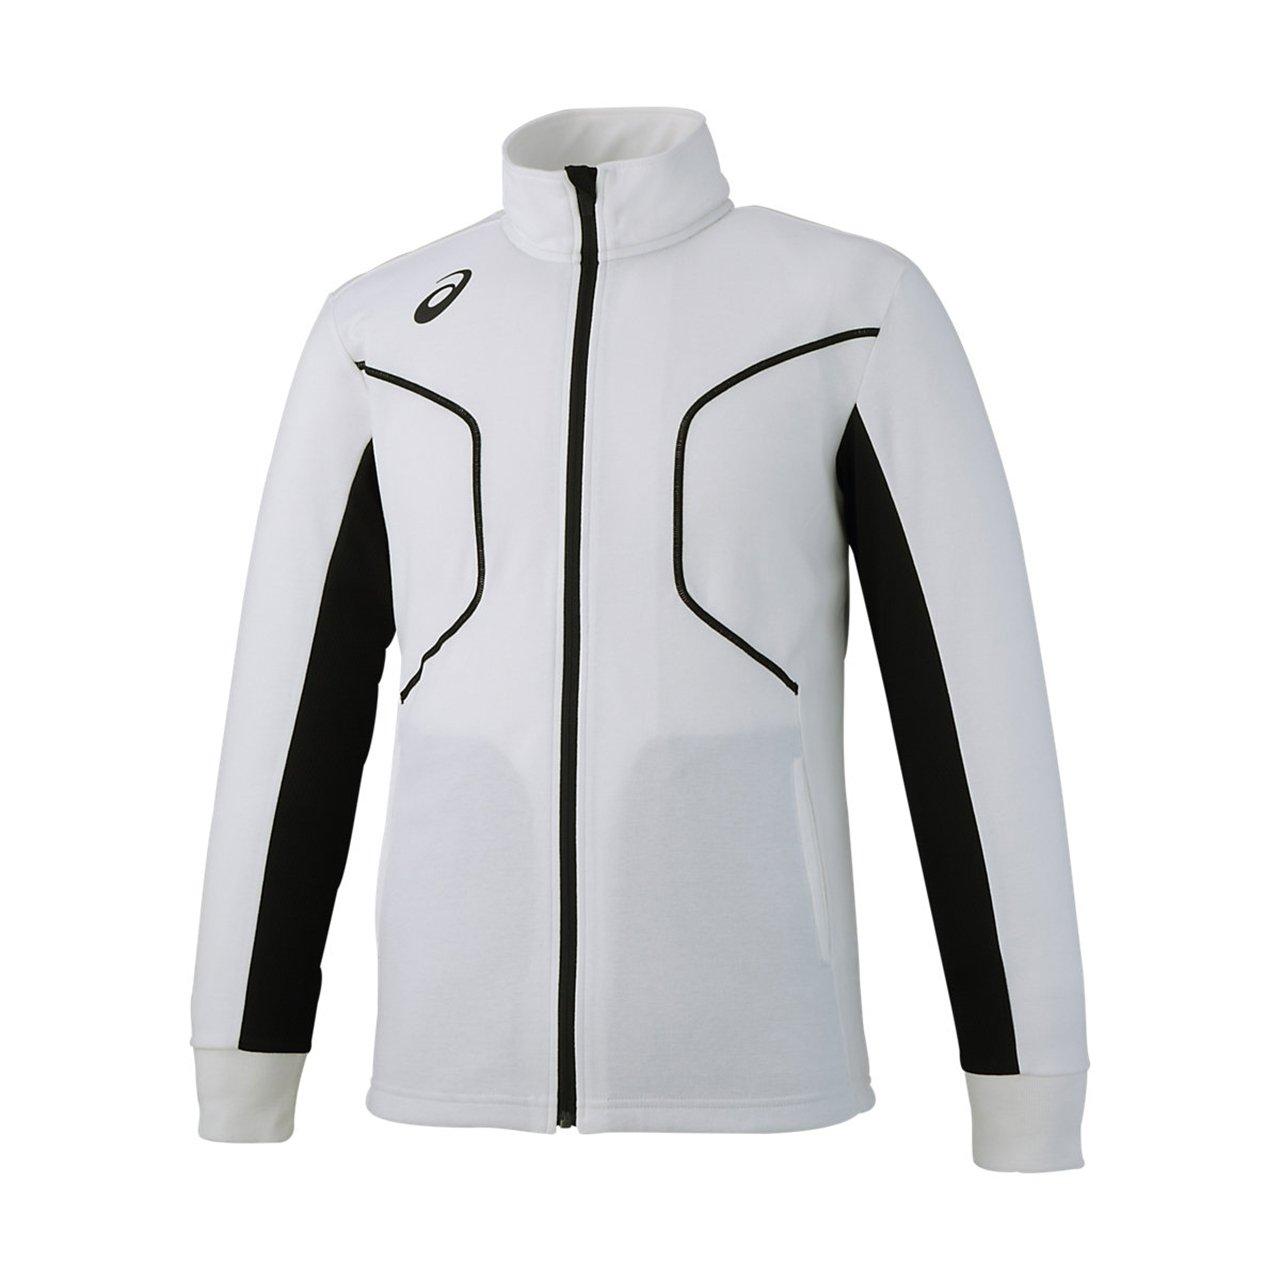 [アシックス] トレーニングウエア トレーニングジャケツト [メンズ] XAT300 B078Z9D156 XXXX-Large|01:ホワイト 01:ホワイト XXXX-Large